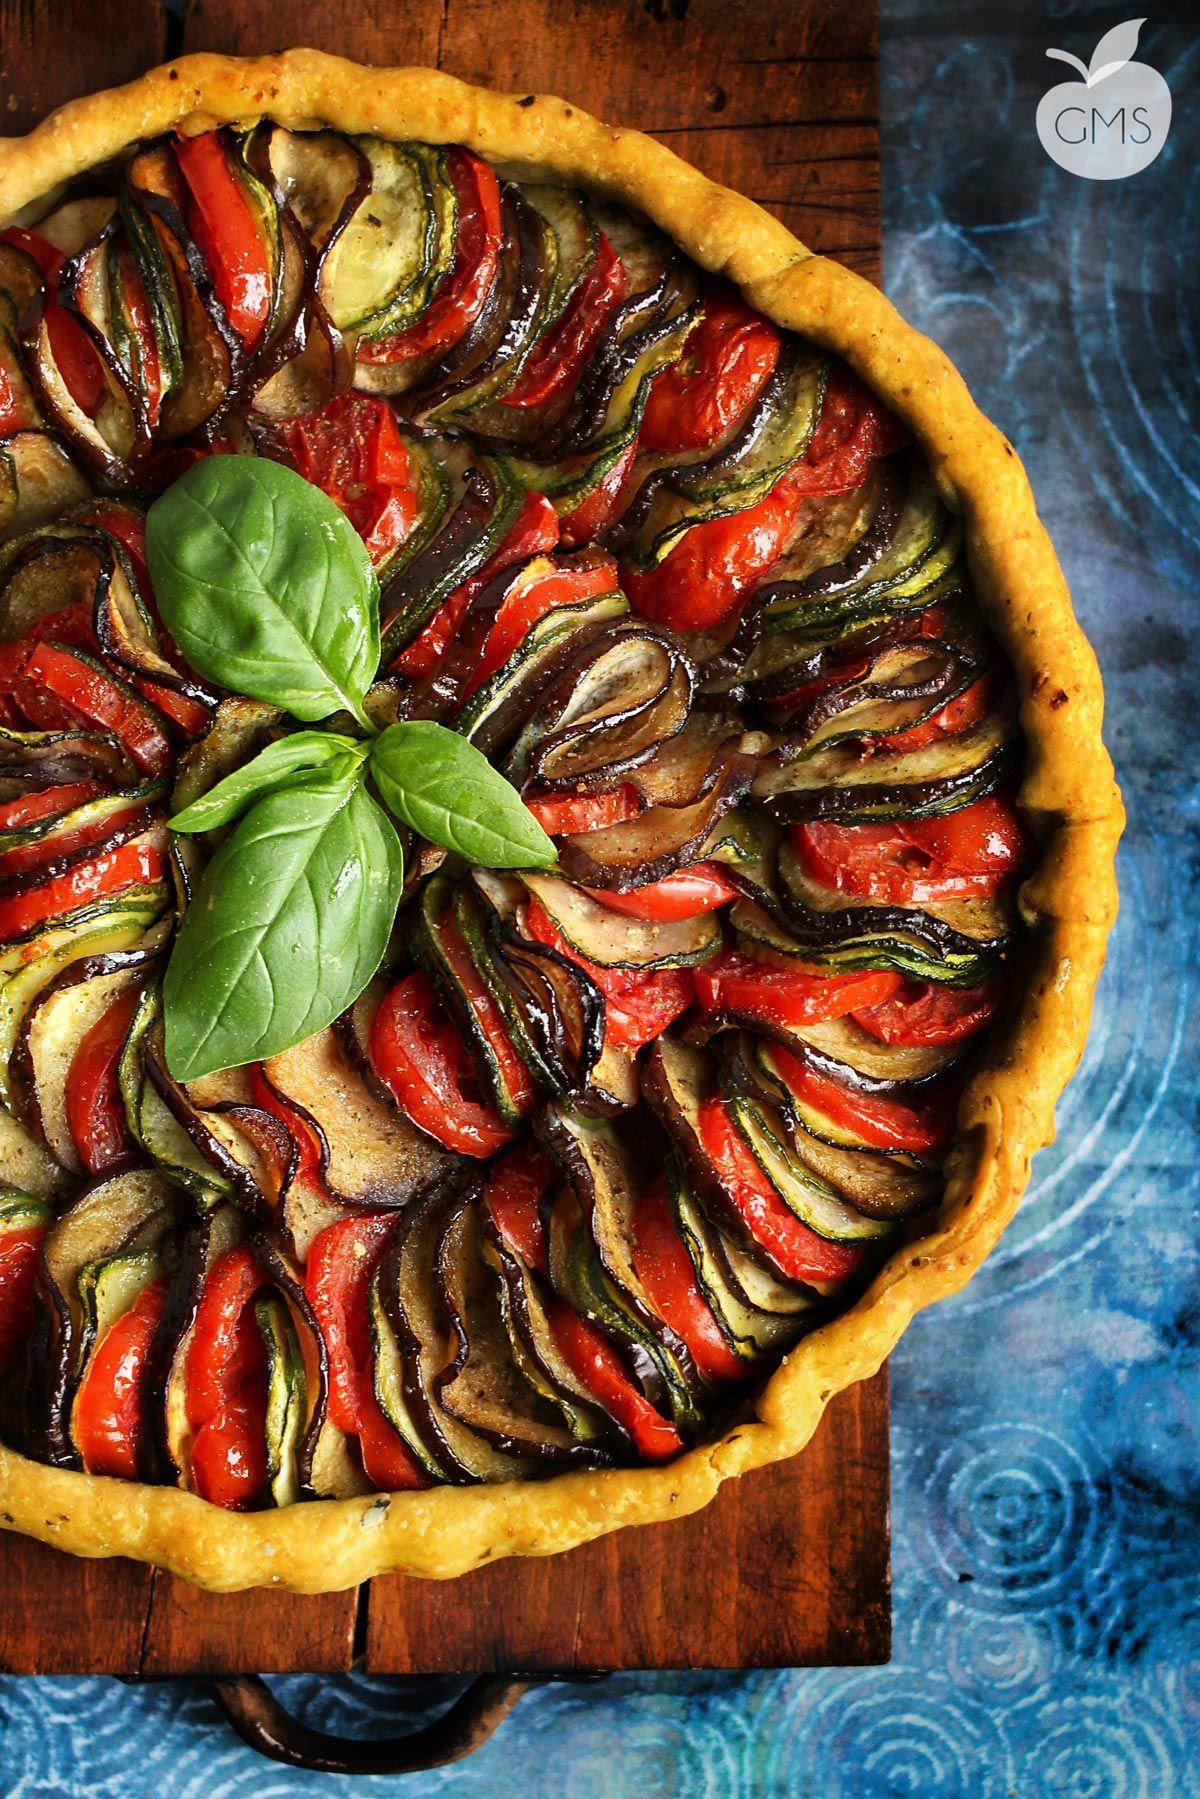 Crostata ratatouille ricetta vegan ingredienti bris for Cucinare vegetariano